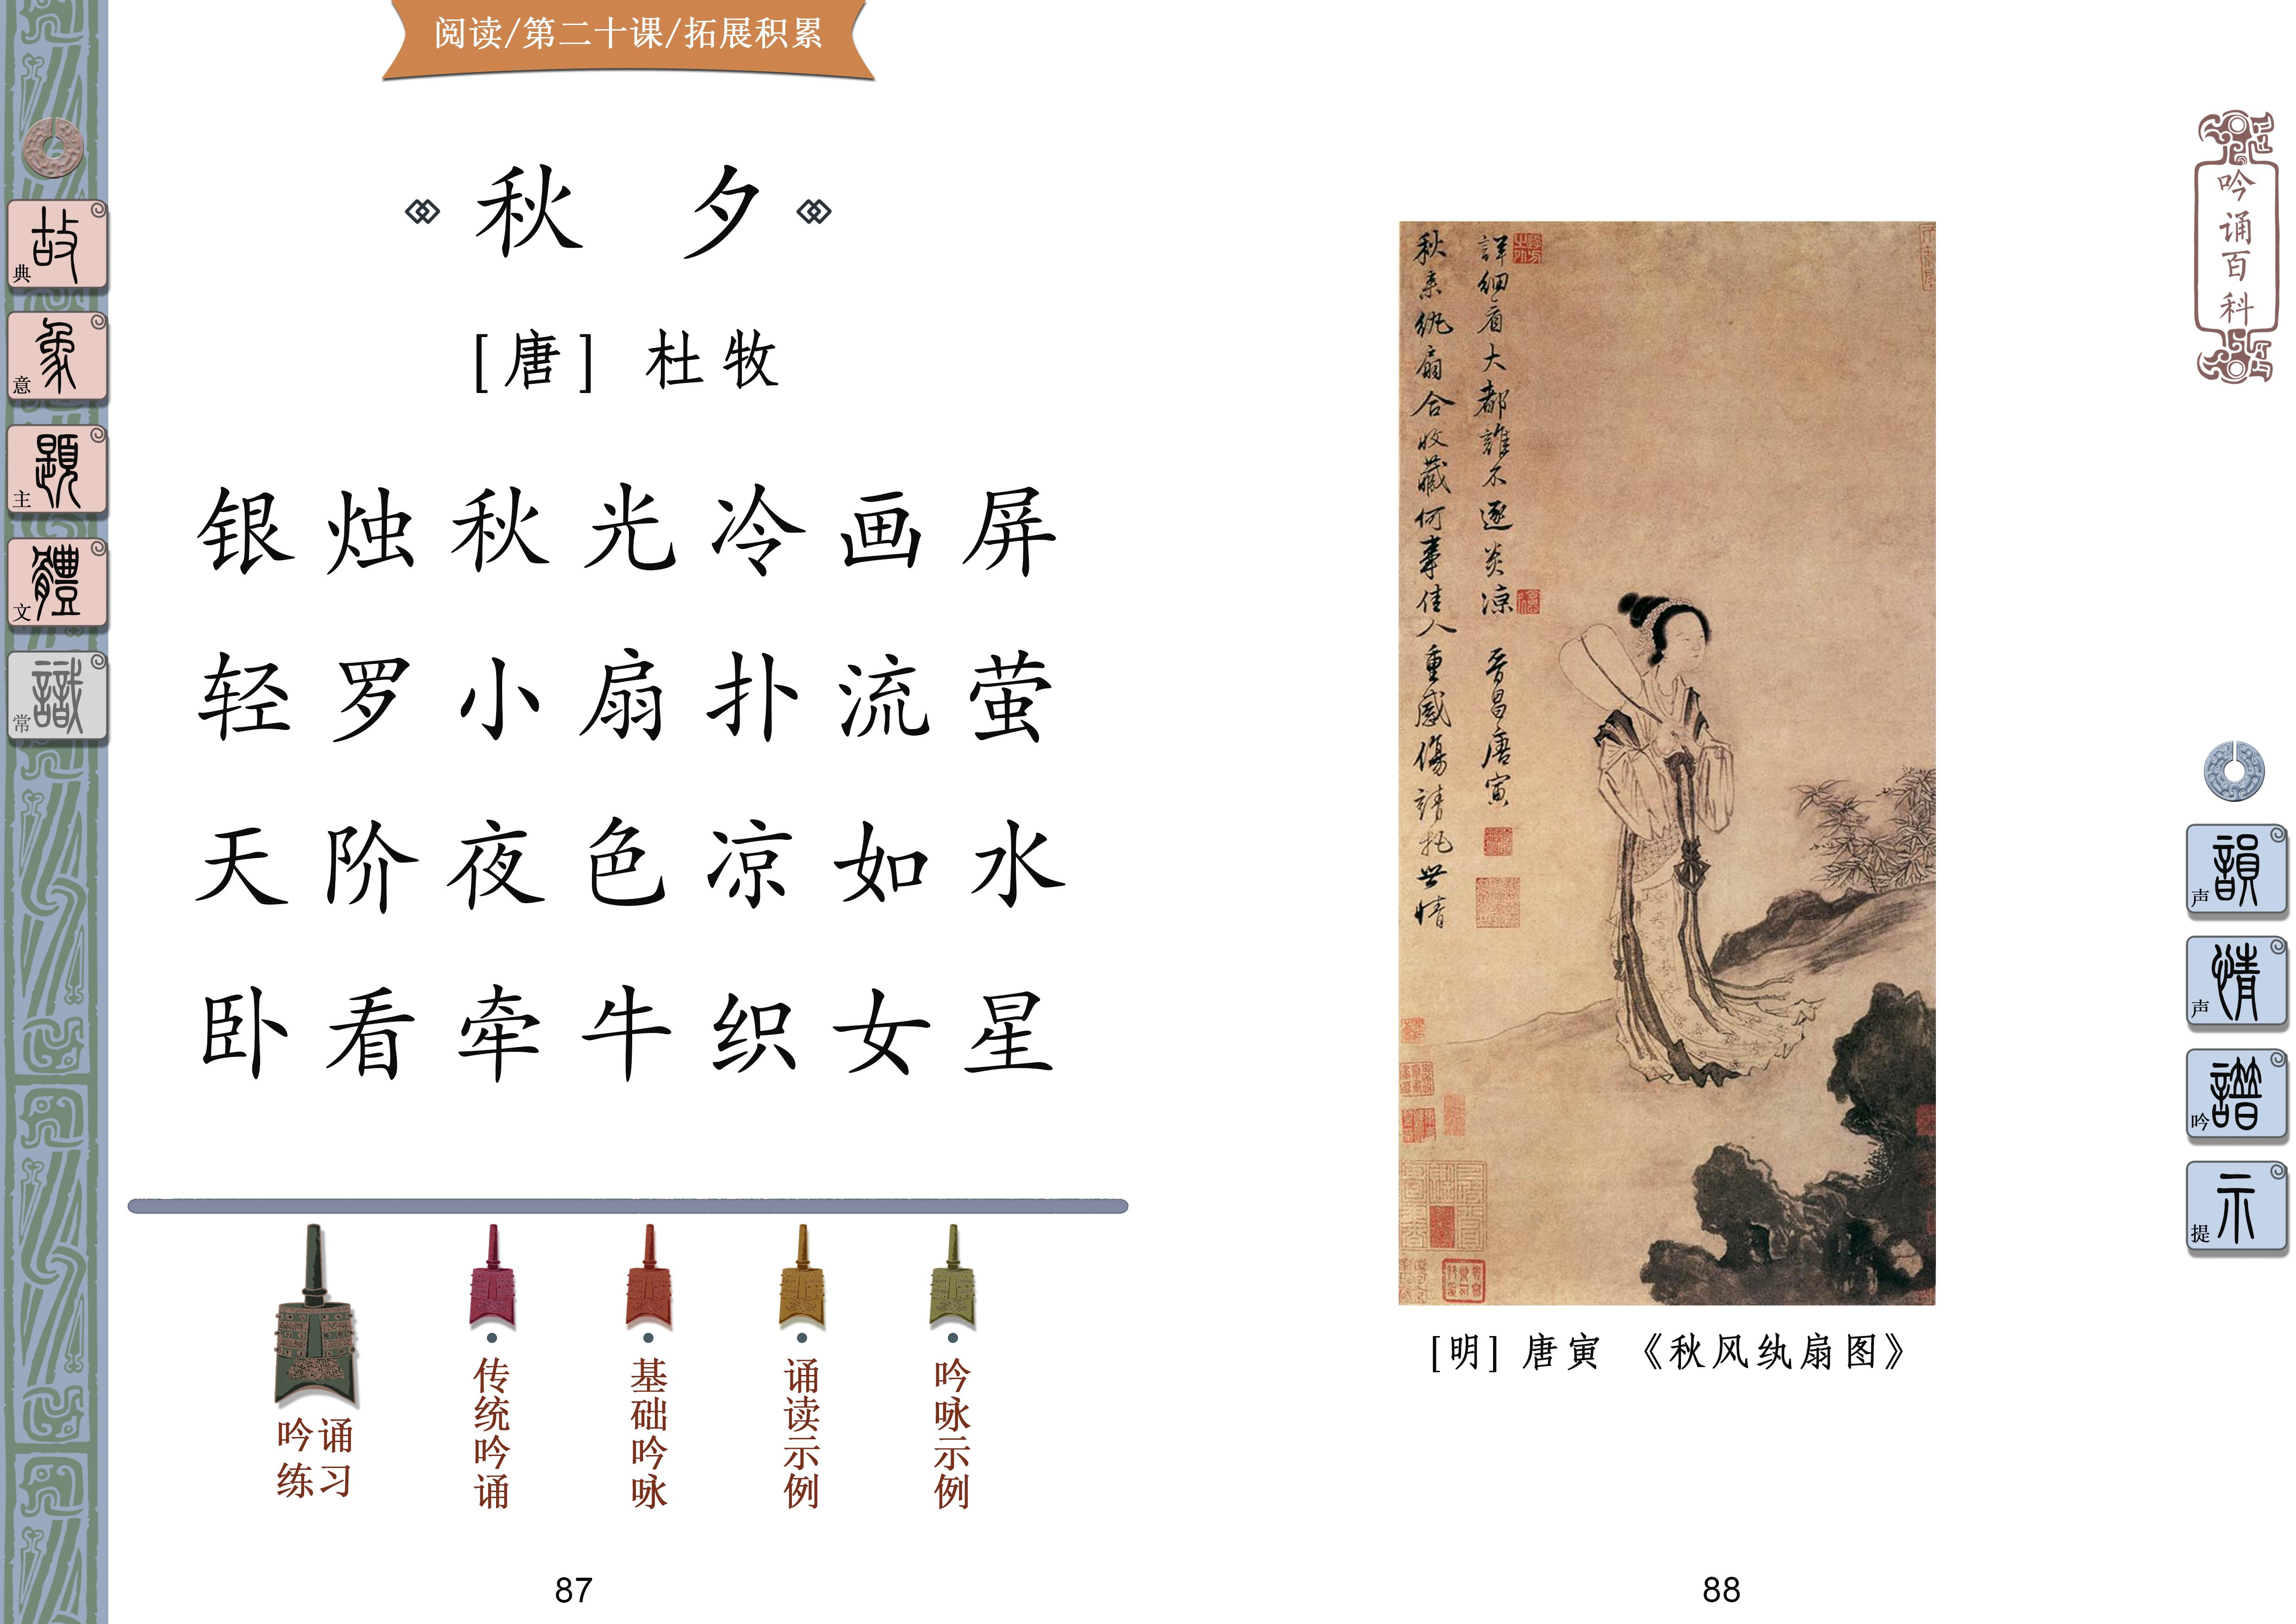 秋夕(唐 杜牧) 普通话吟咏